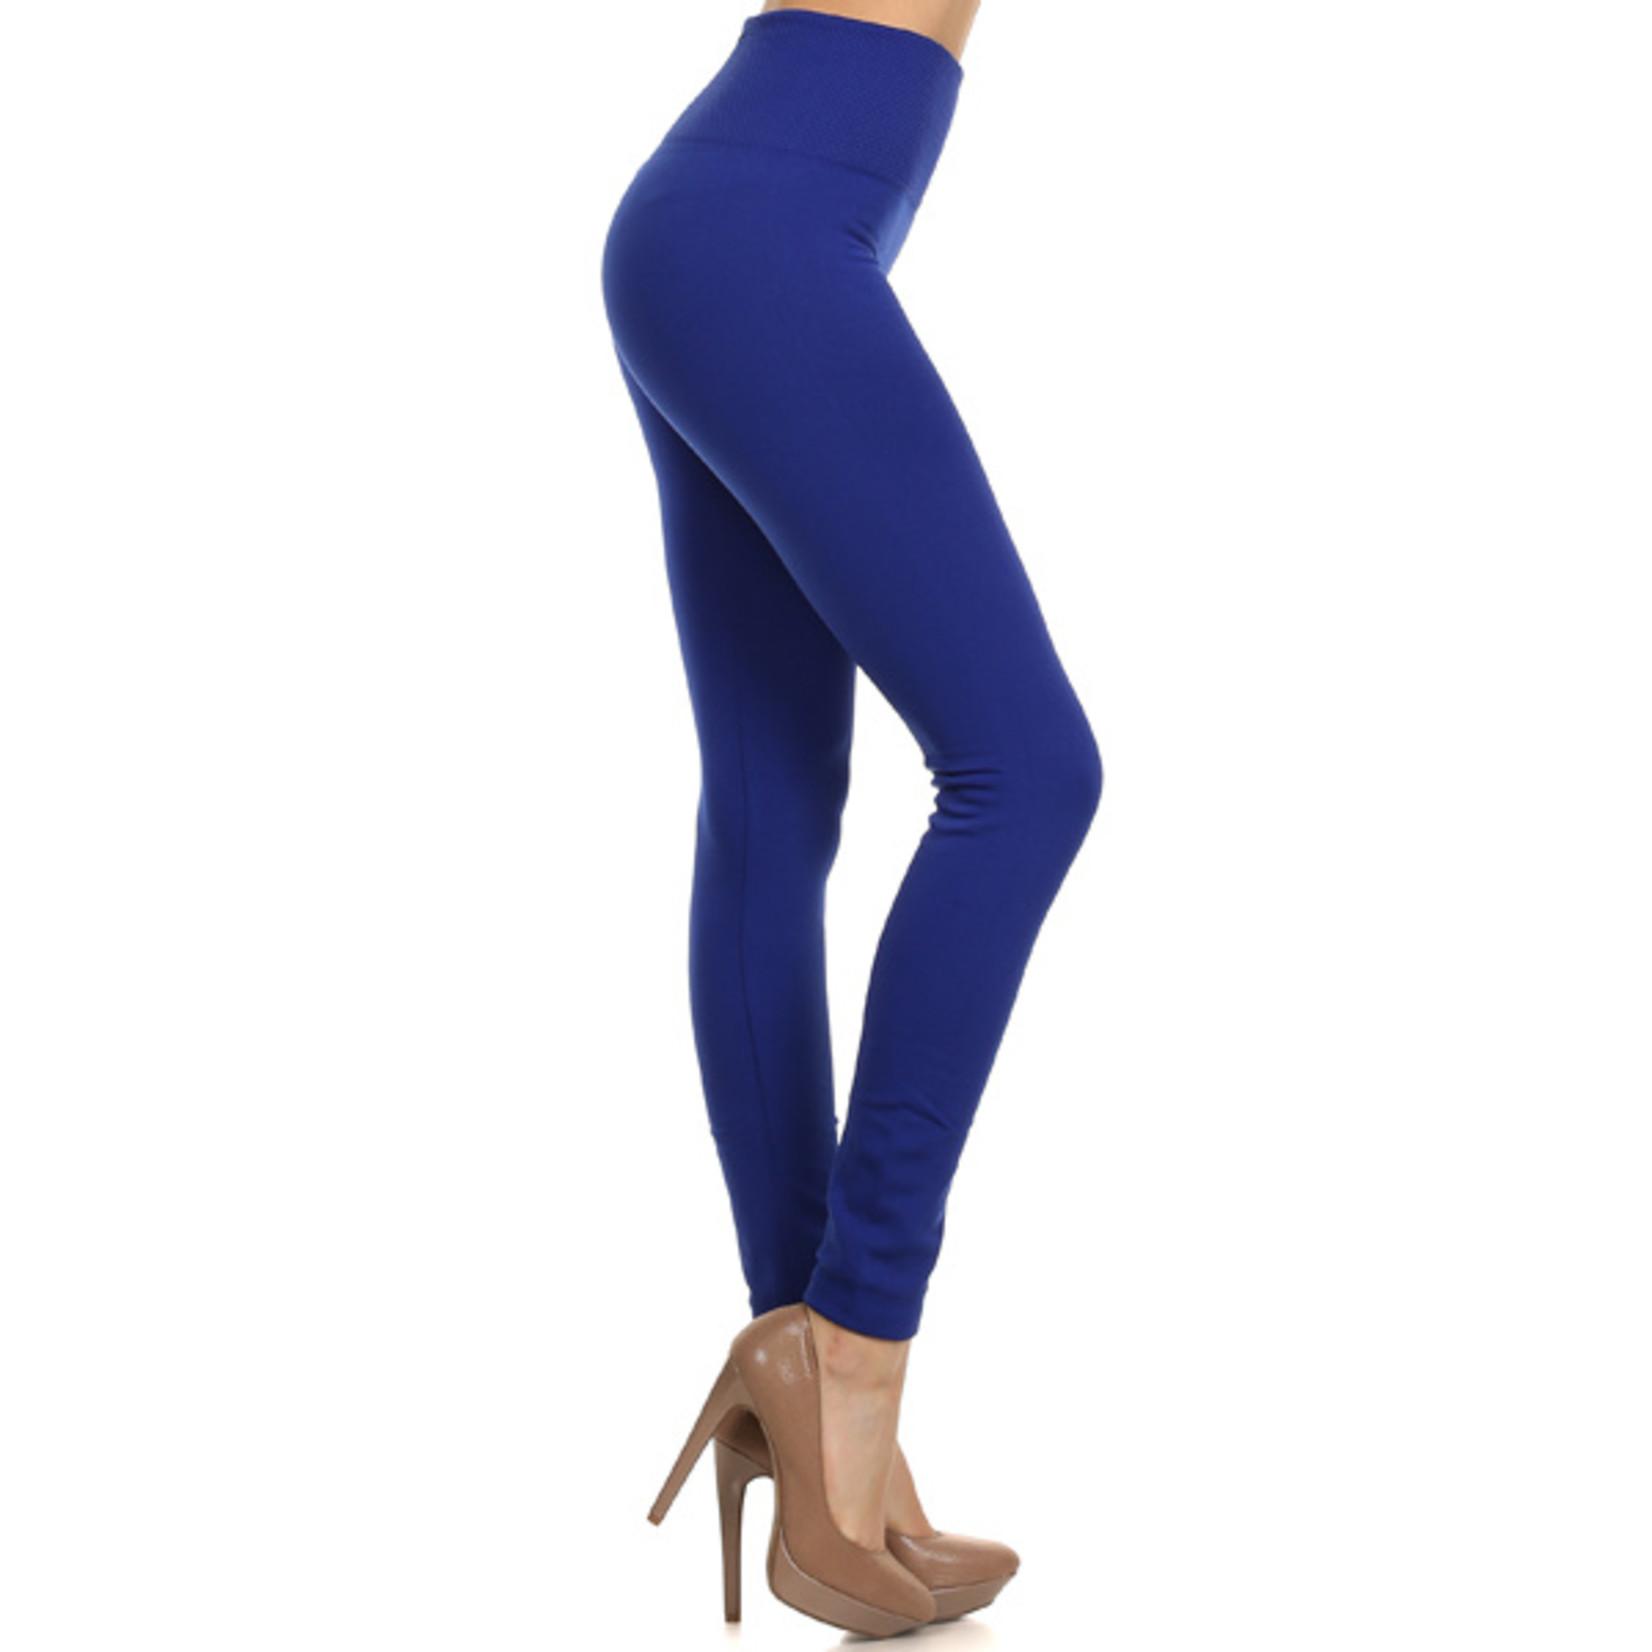 LOVE IT Fleece Lined Leggings